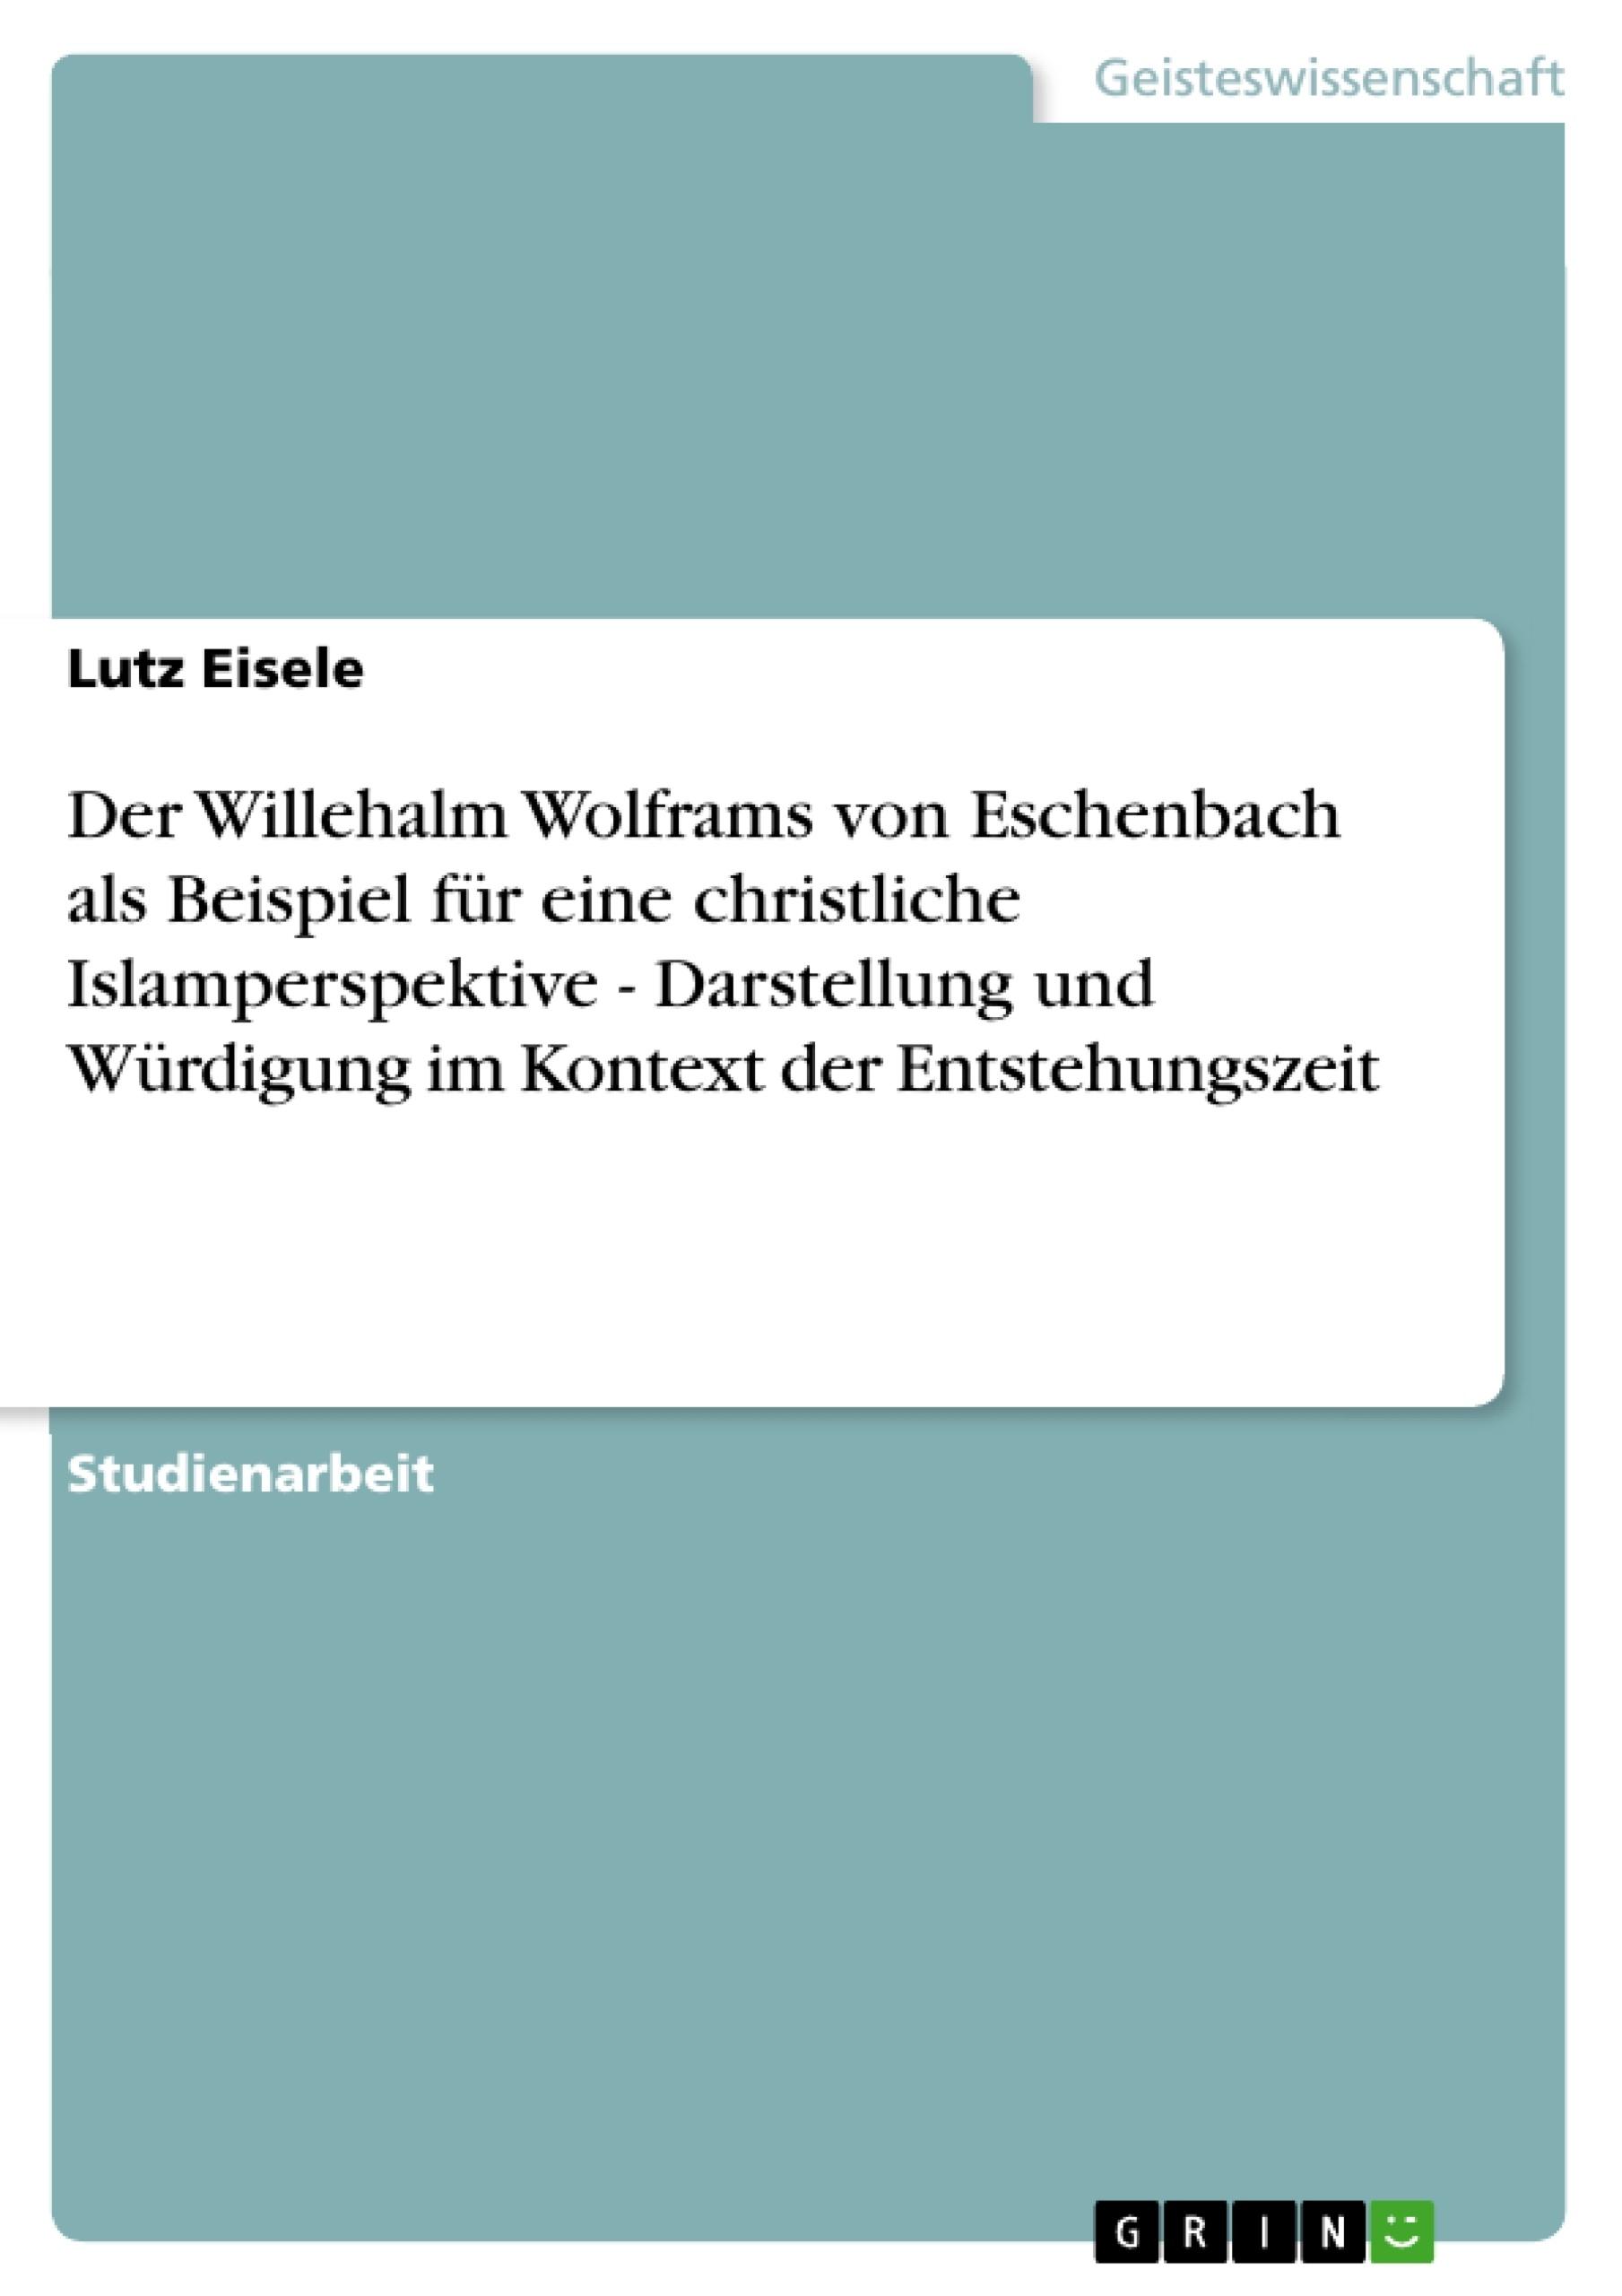 Titel: Der Willehalm Wolframs von Eschenbach als Beispiel für eine christliche Islamperspektive - Darstellung und Würdigung im Kontext der Entstehungszeit